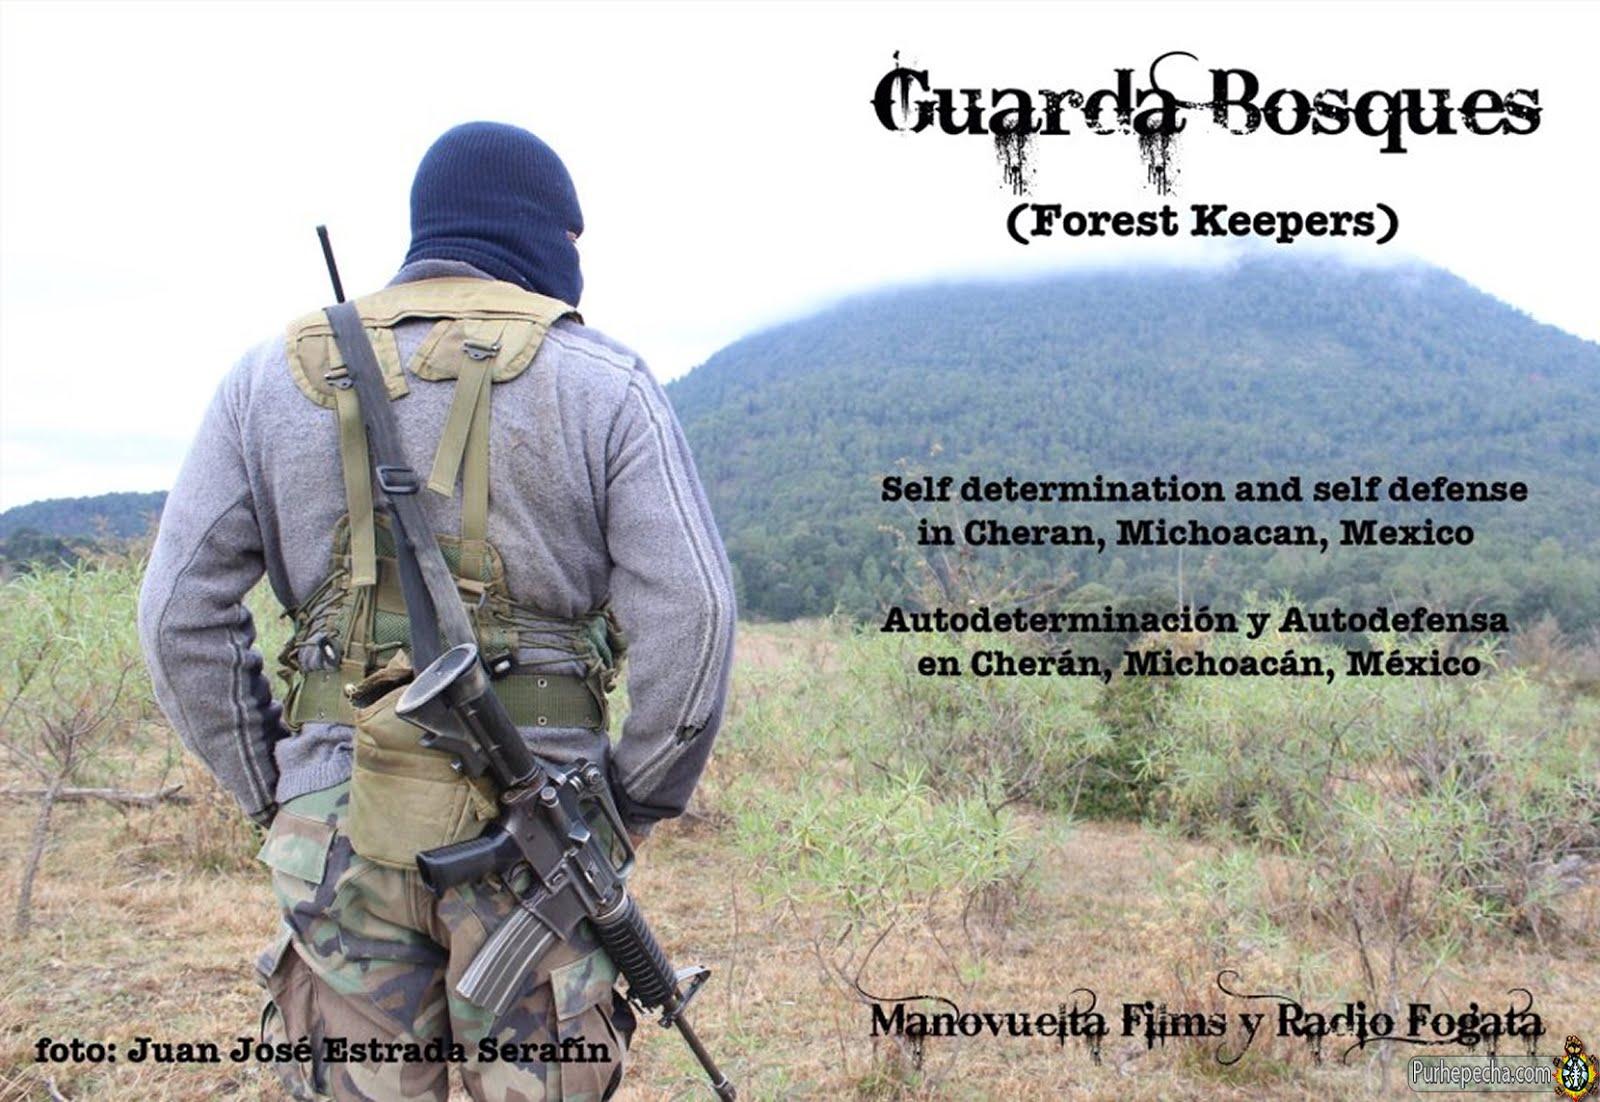 Guarda bosques